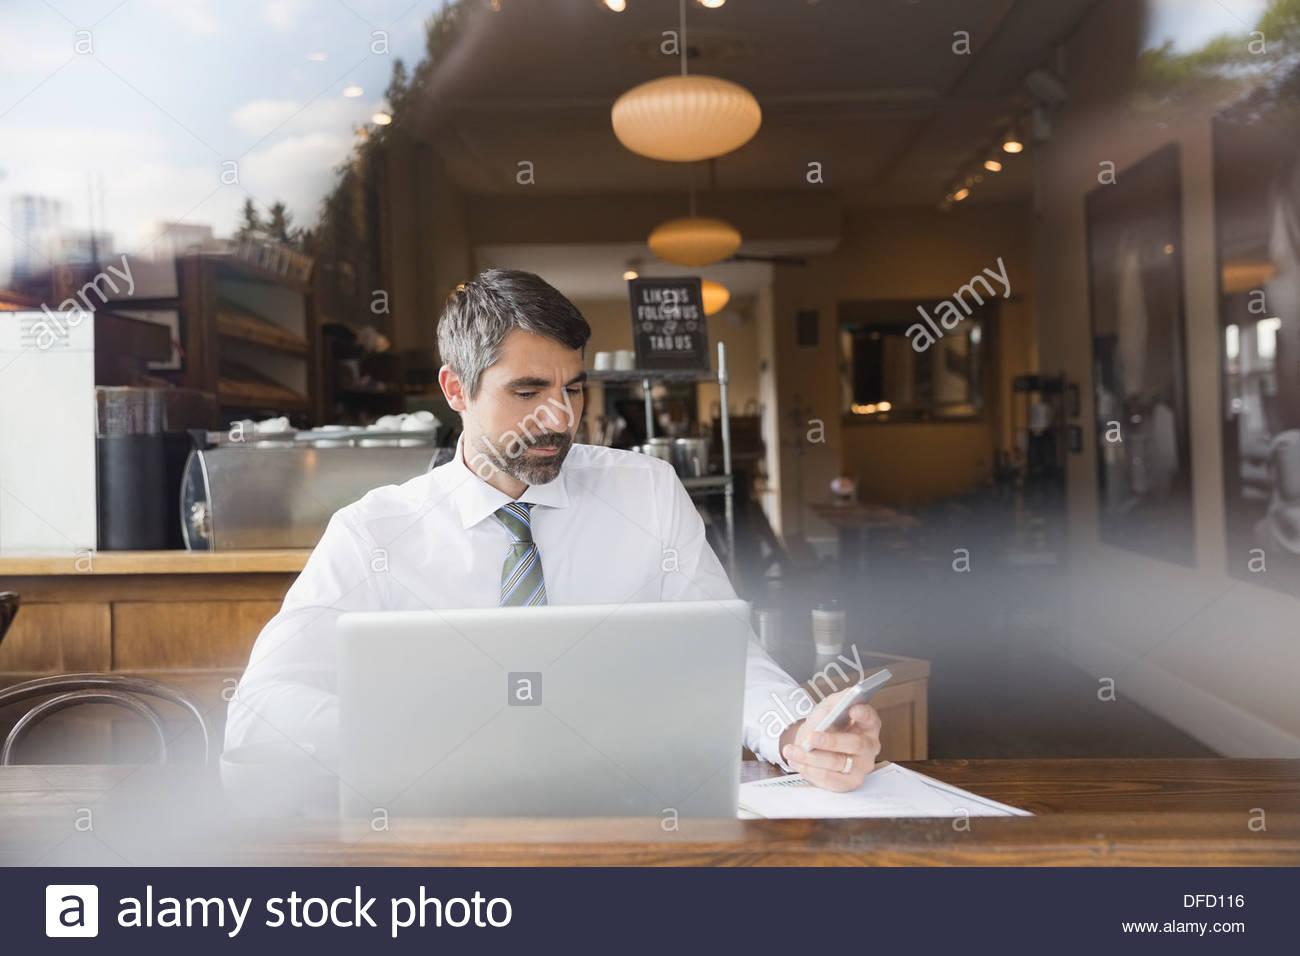 Imprenditore lavora sui dispositivi wireless in un cafe Immagini Stock